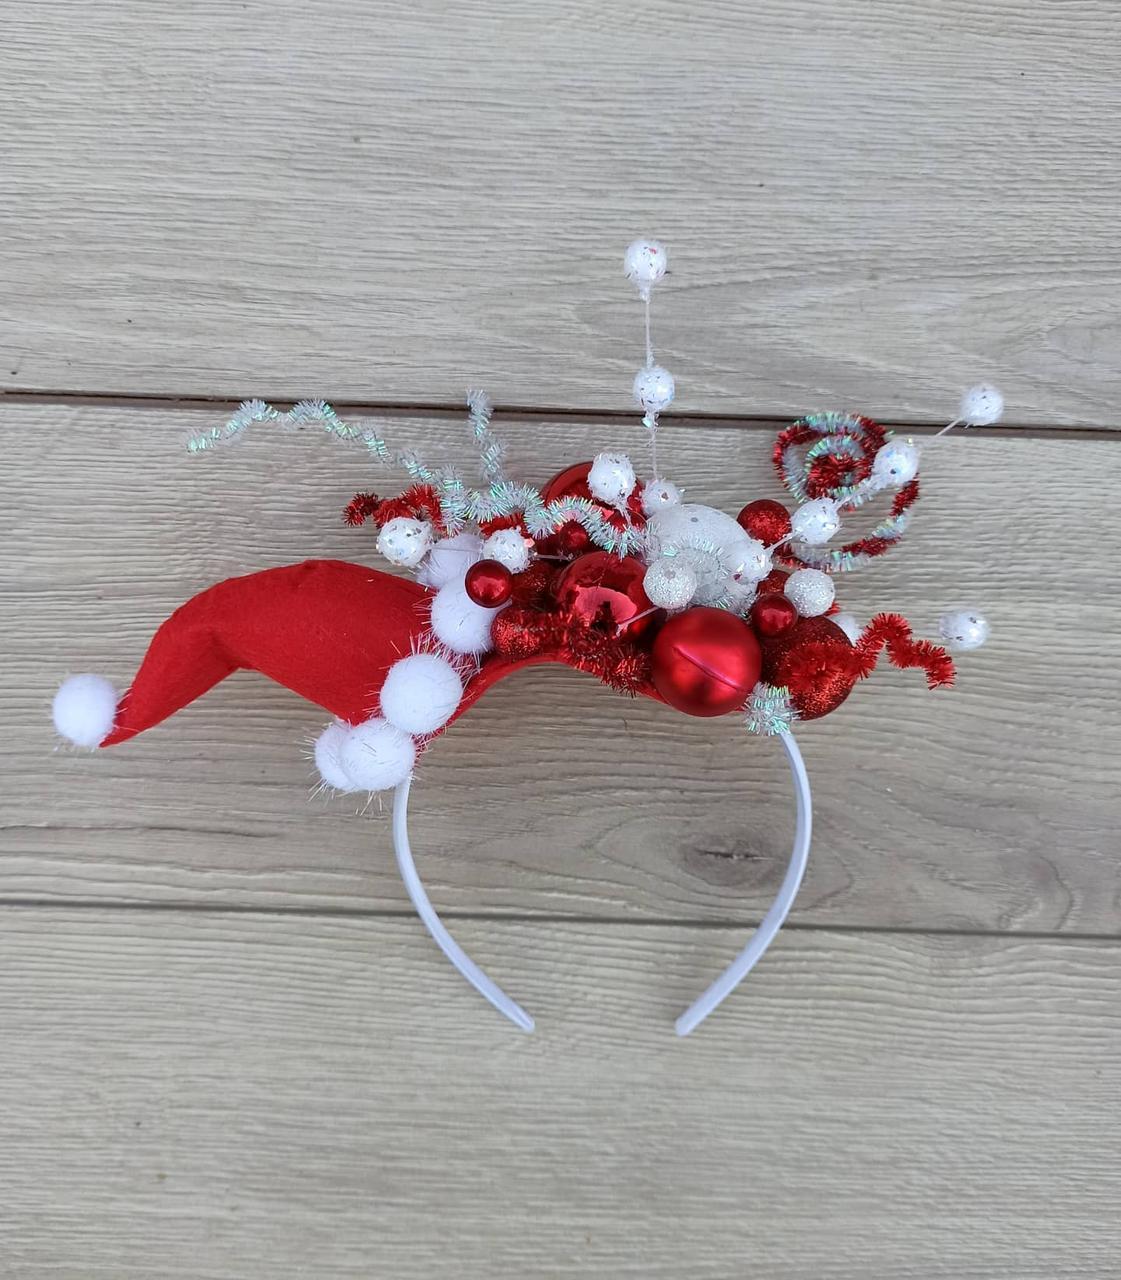 Новорічний обруч, Капелюшок санти на обручі, обруч на новорічне Свято